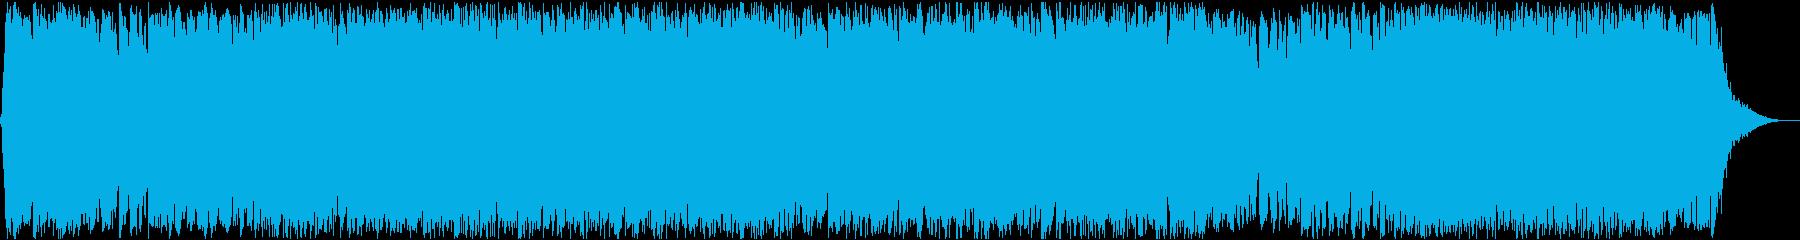 ダークファンタジーオーケストラ戦闘曲56の再生済みの波形